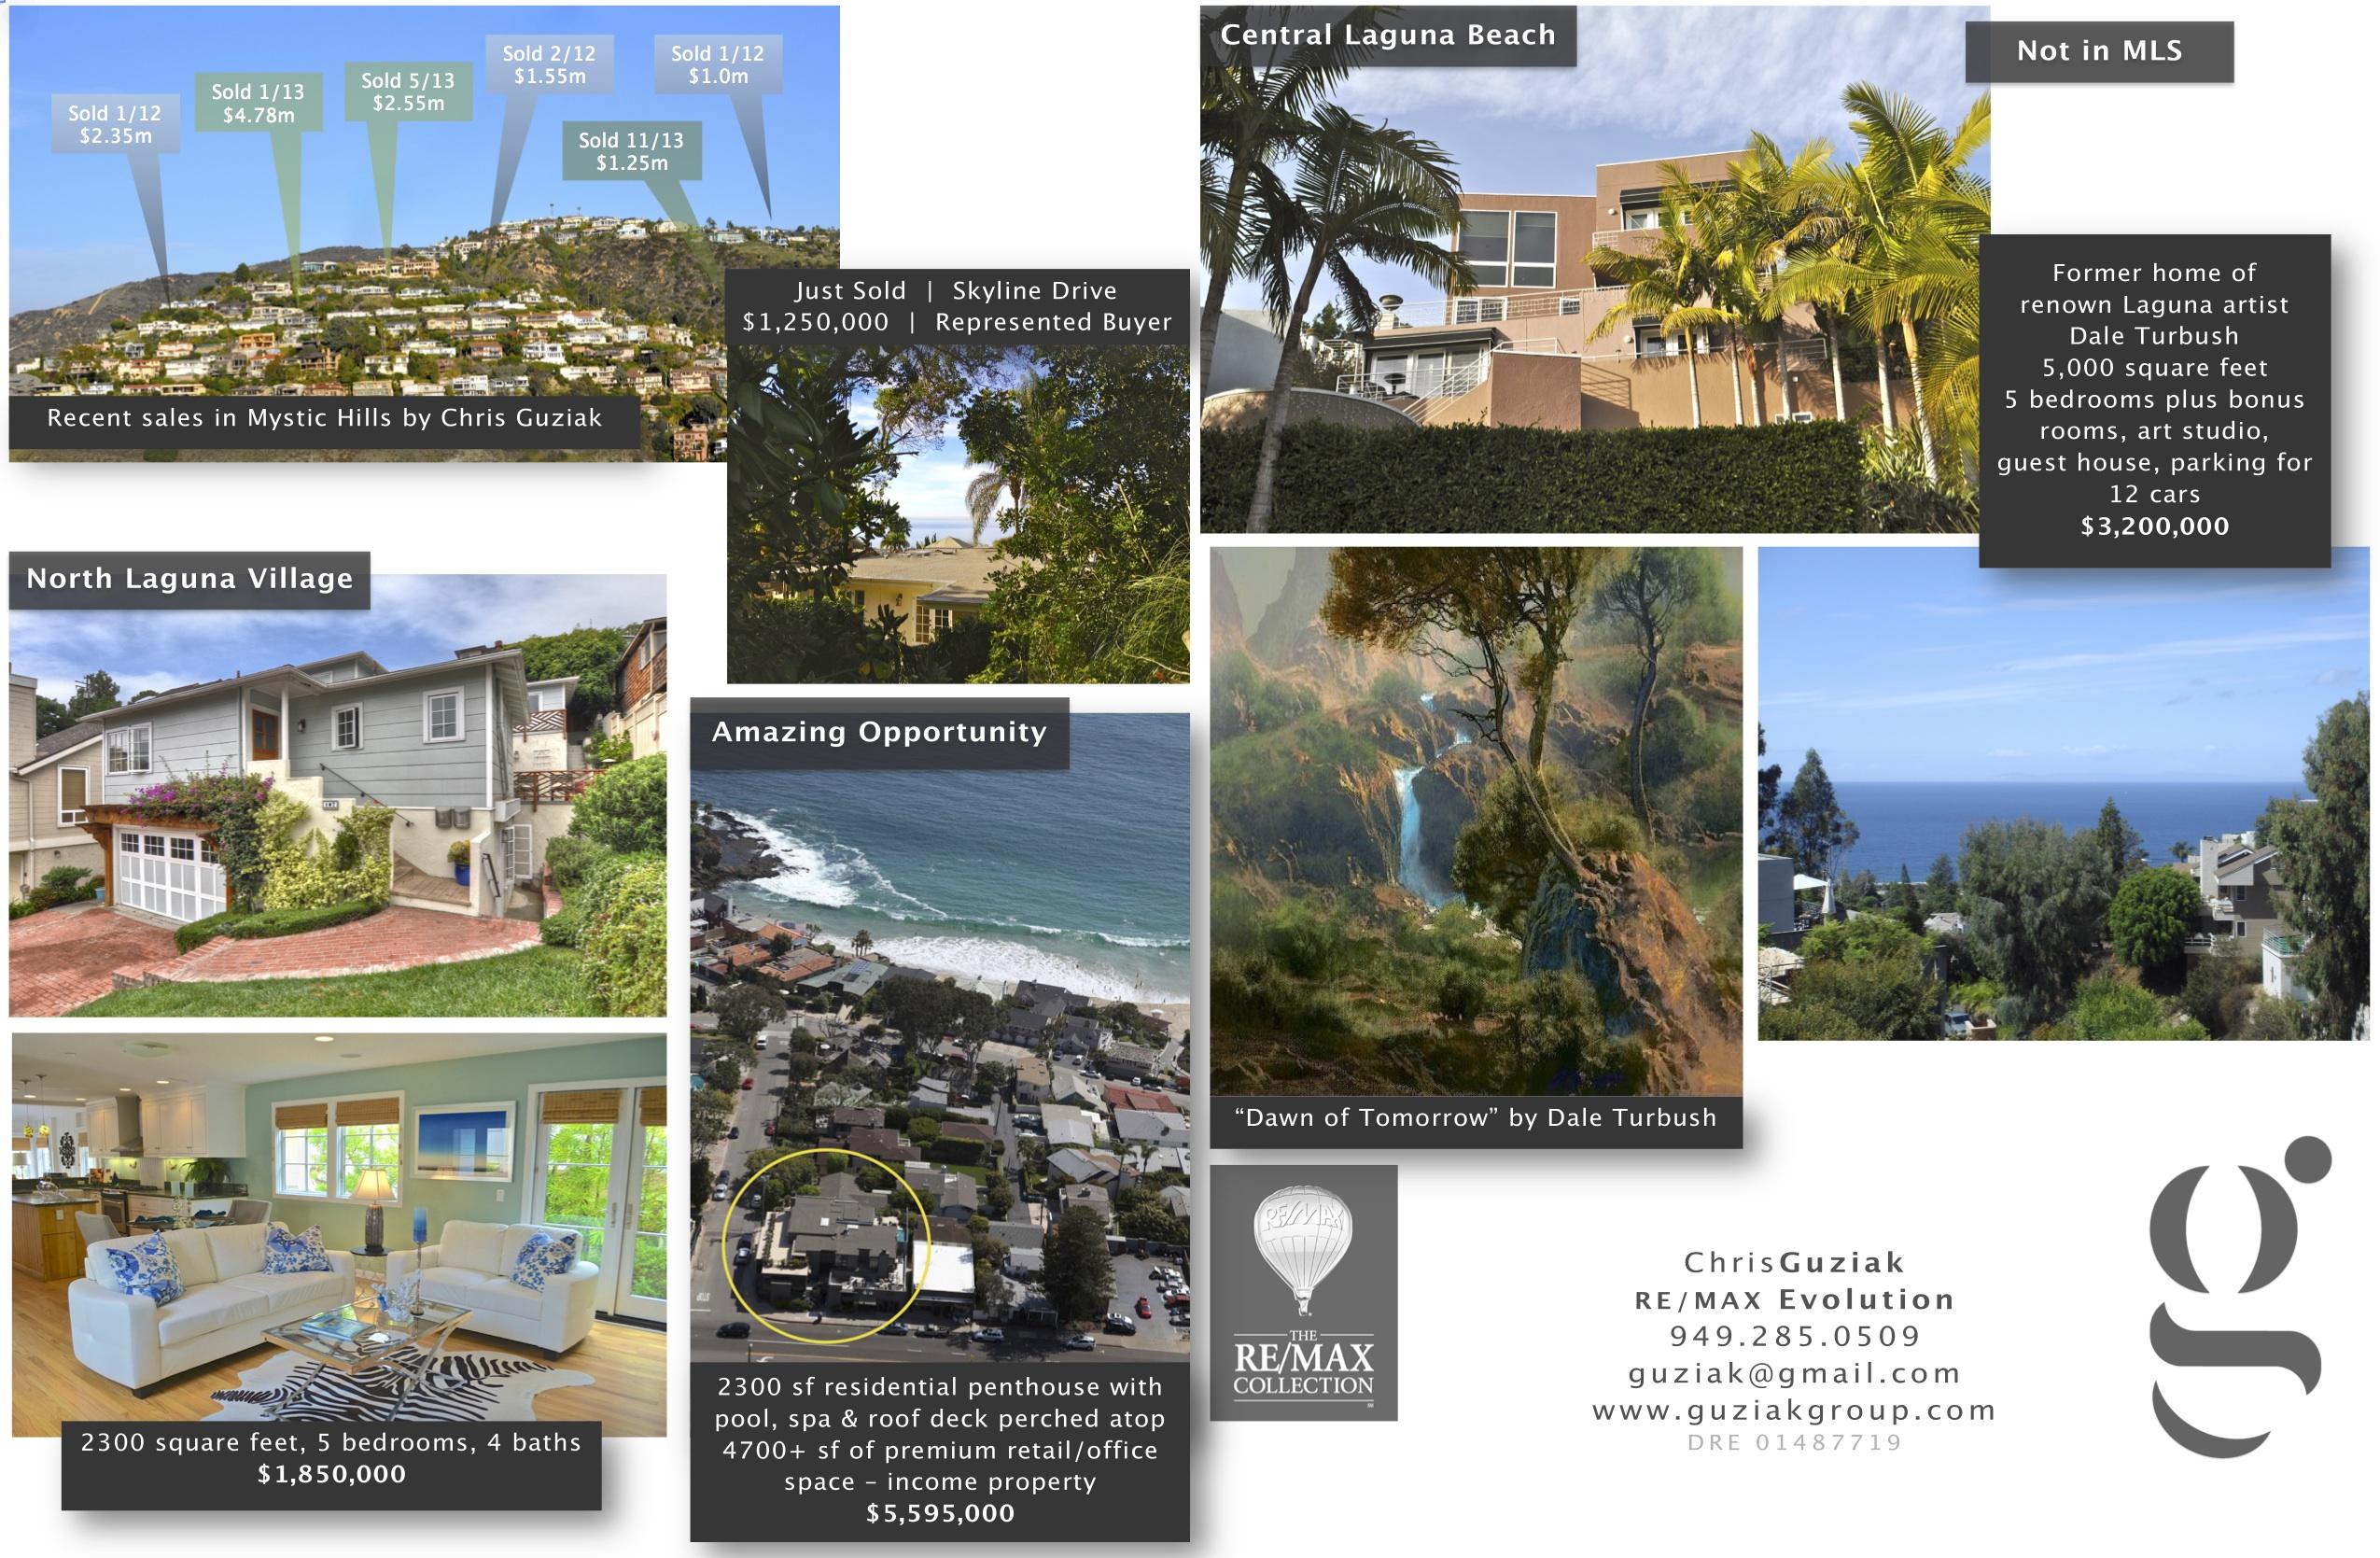 laguna beach art magazine 1.jpg